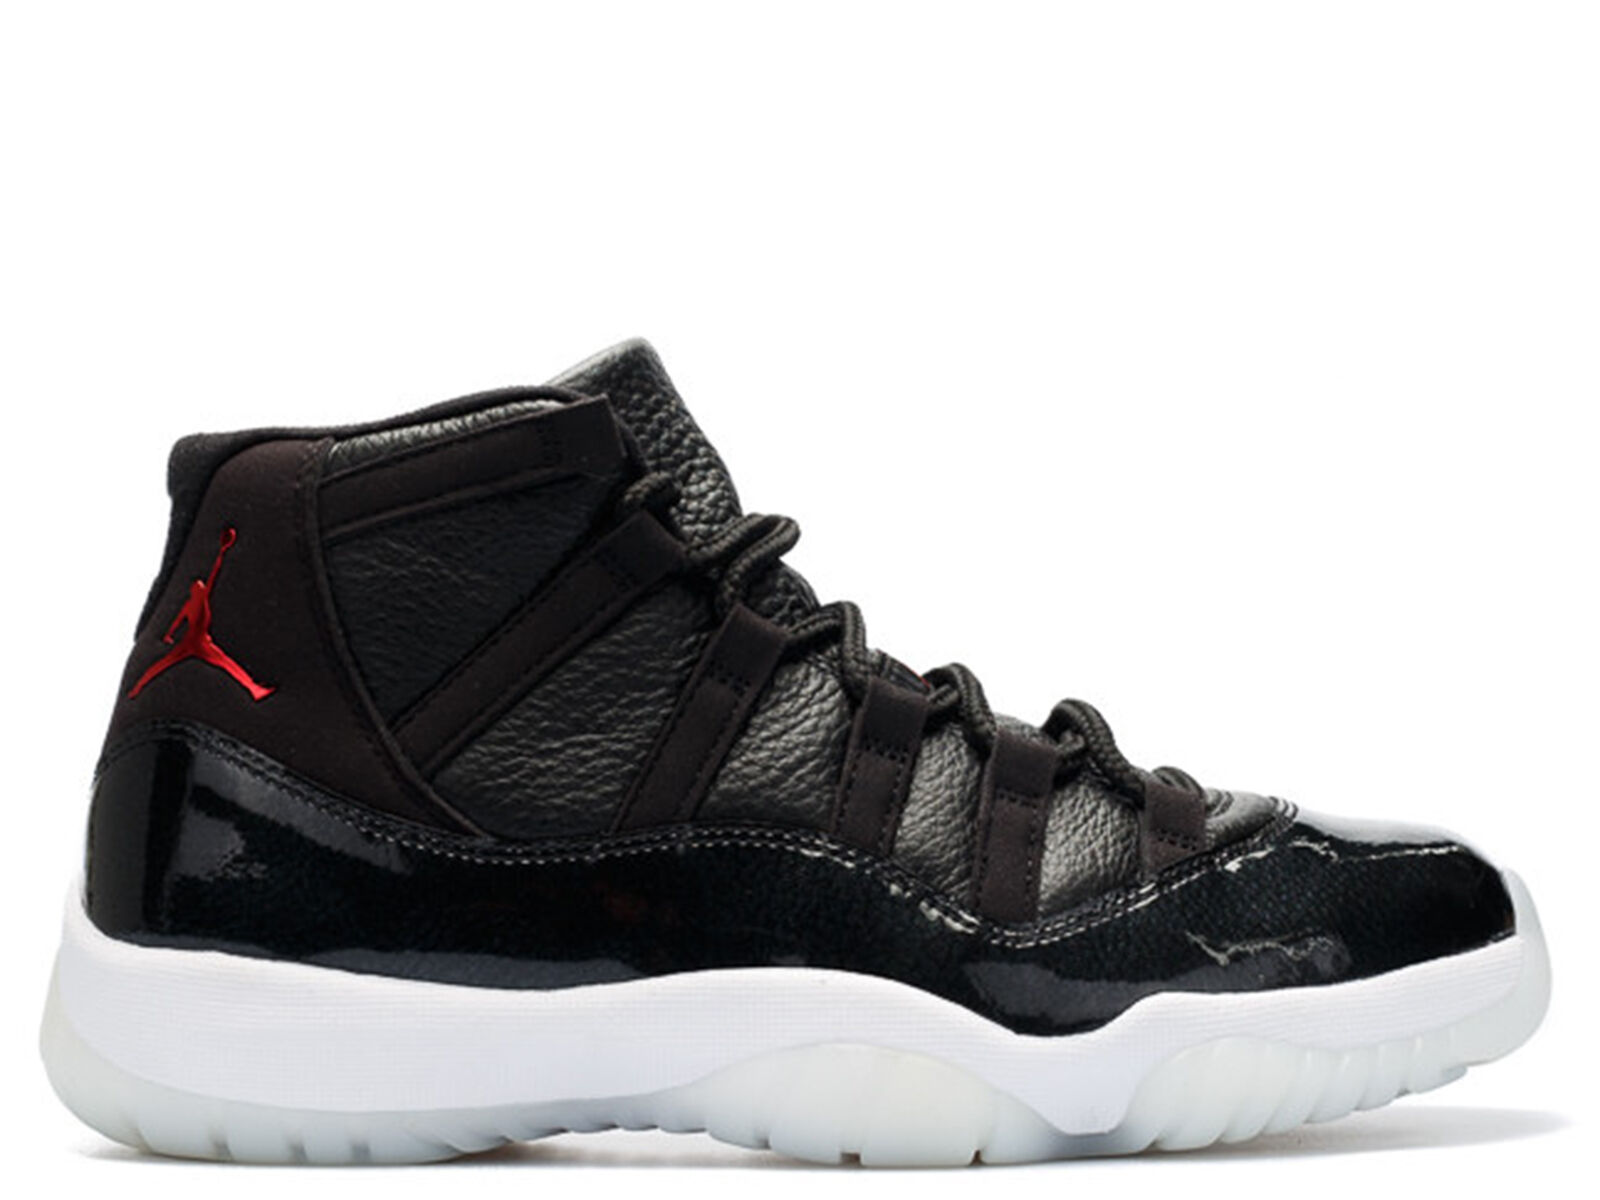 Men's Brand New Air Jordan 11 Retro  72-10  Athletic Sneakers [378037 002]